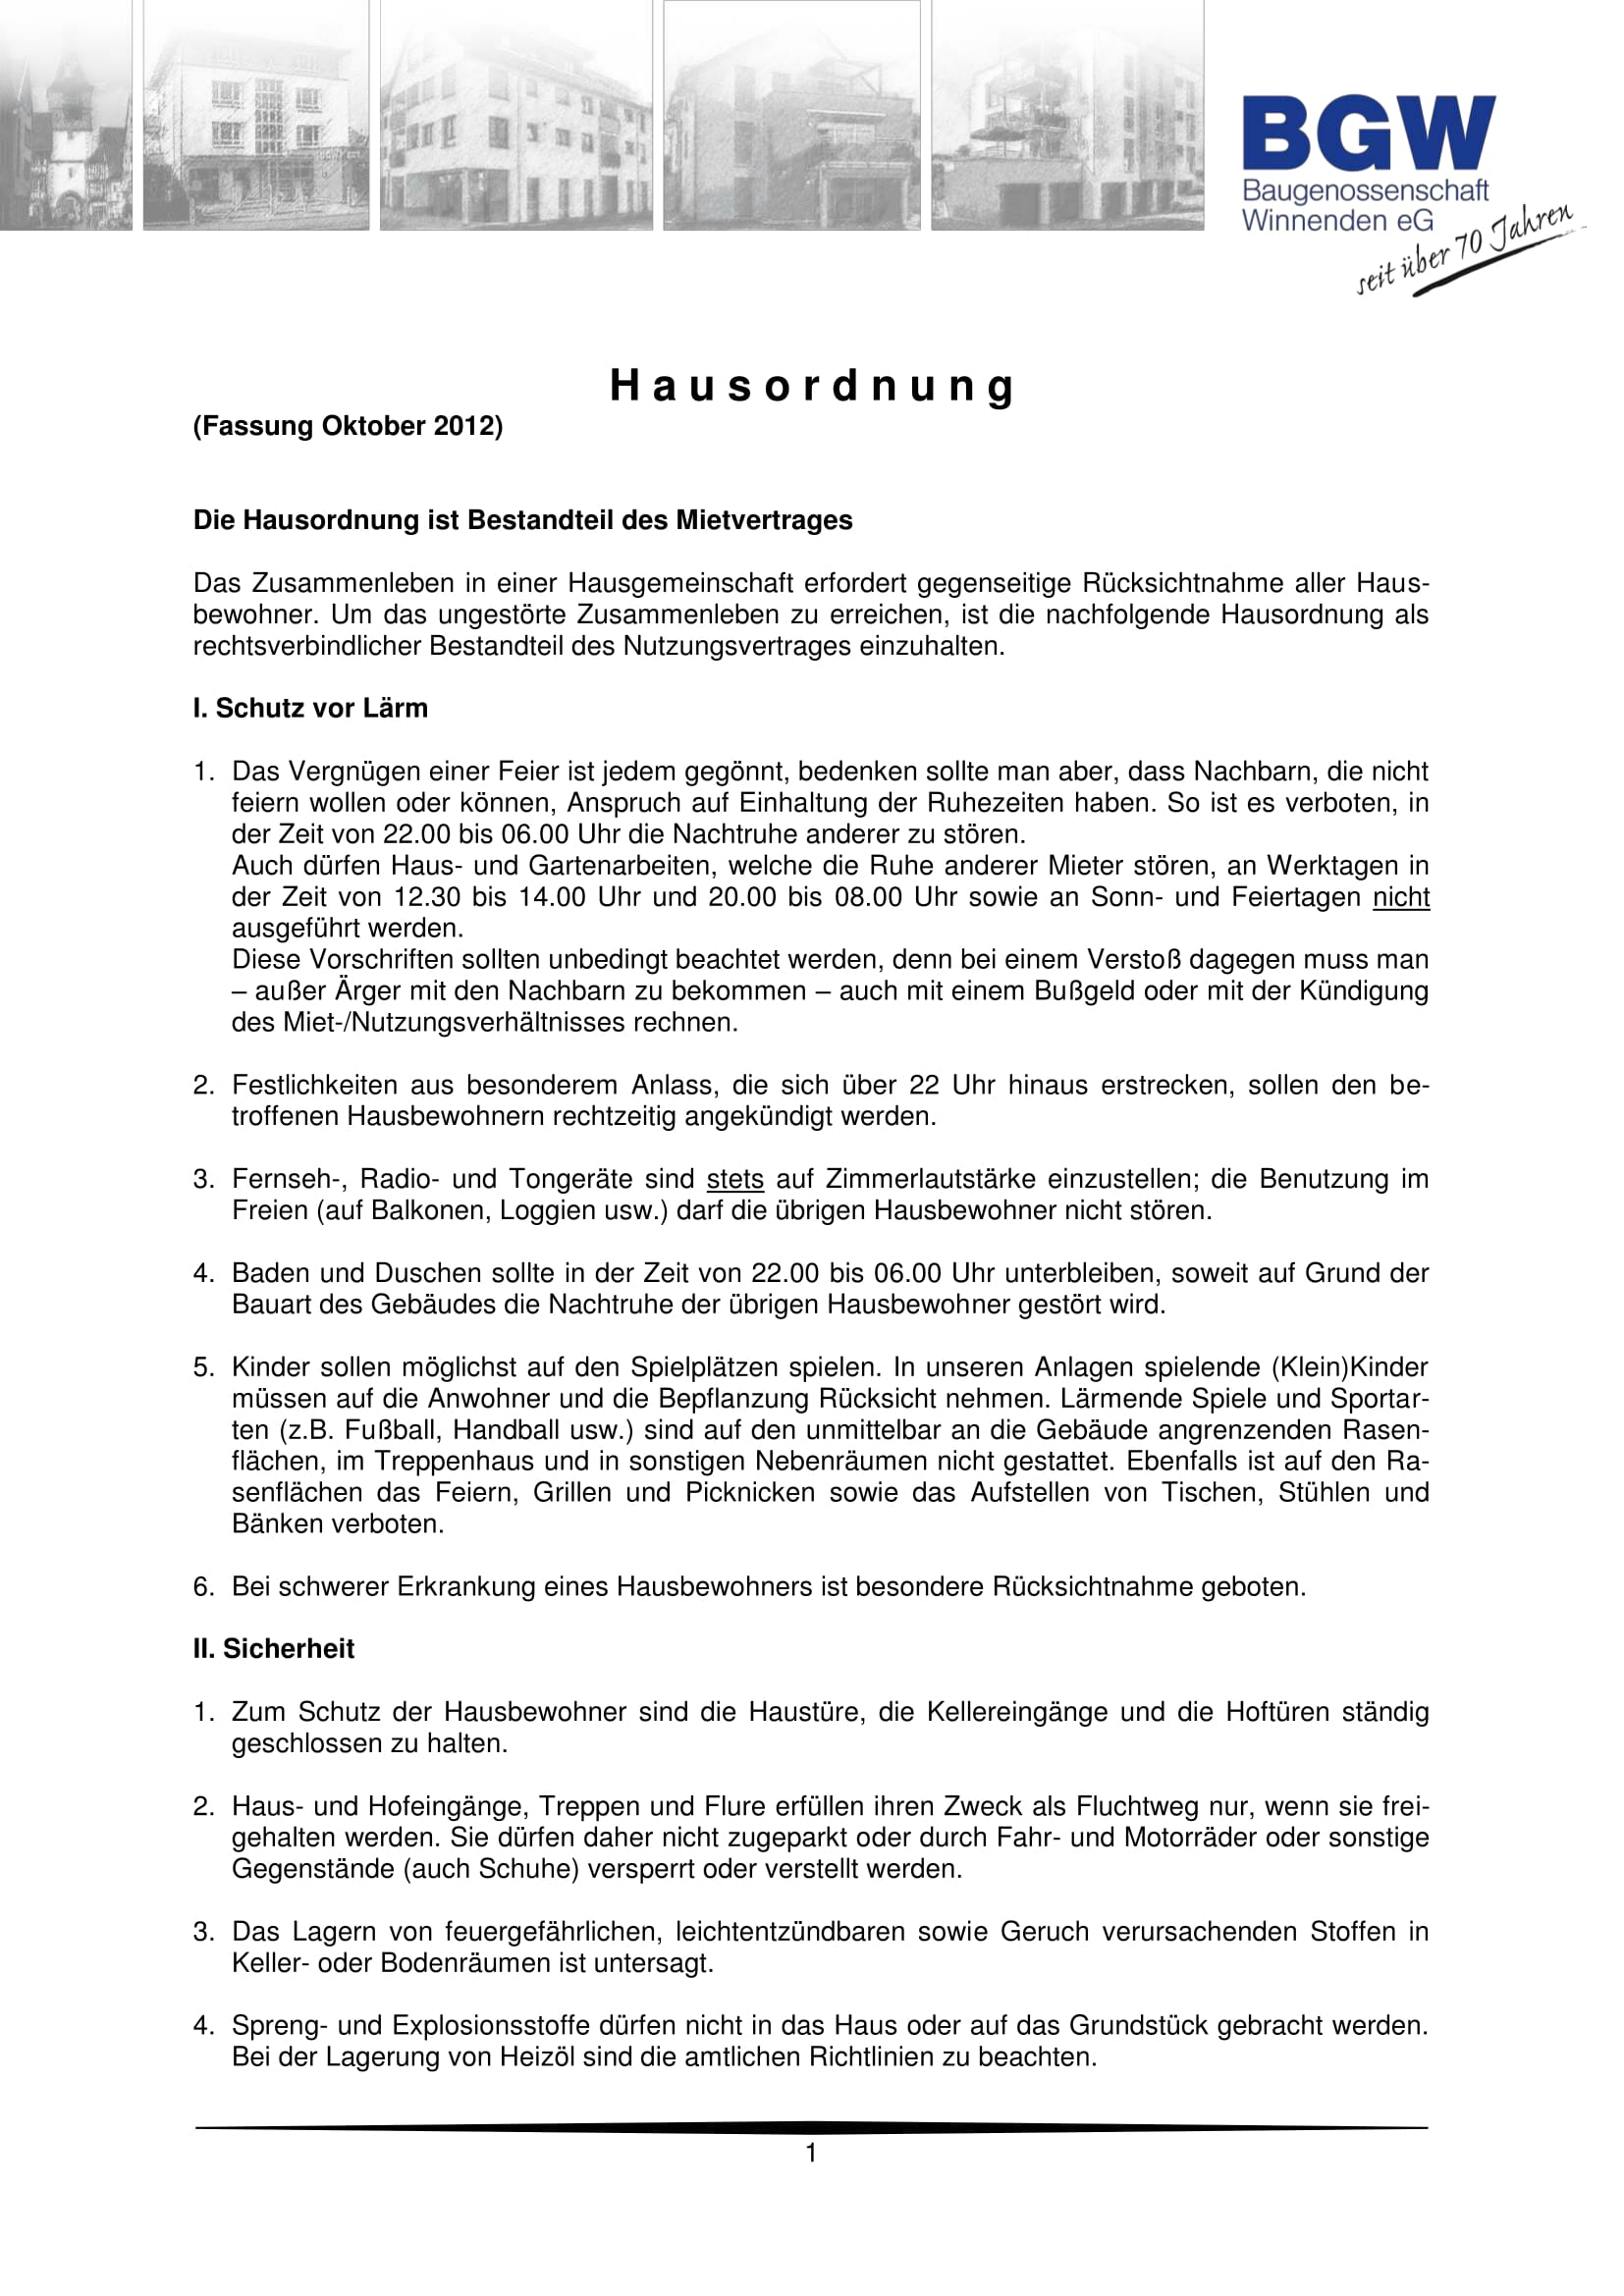 Hausordnung BGW Deckblatt 1 - Häufige Fragen